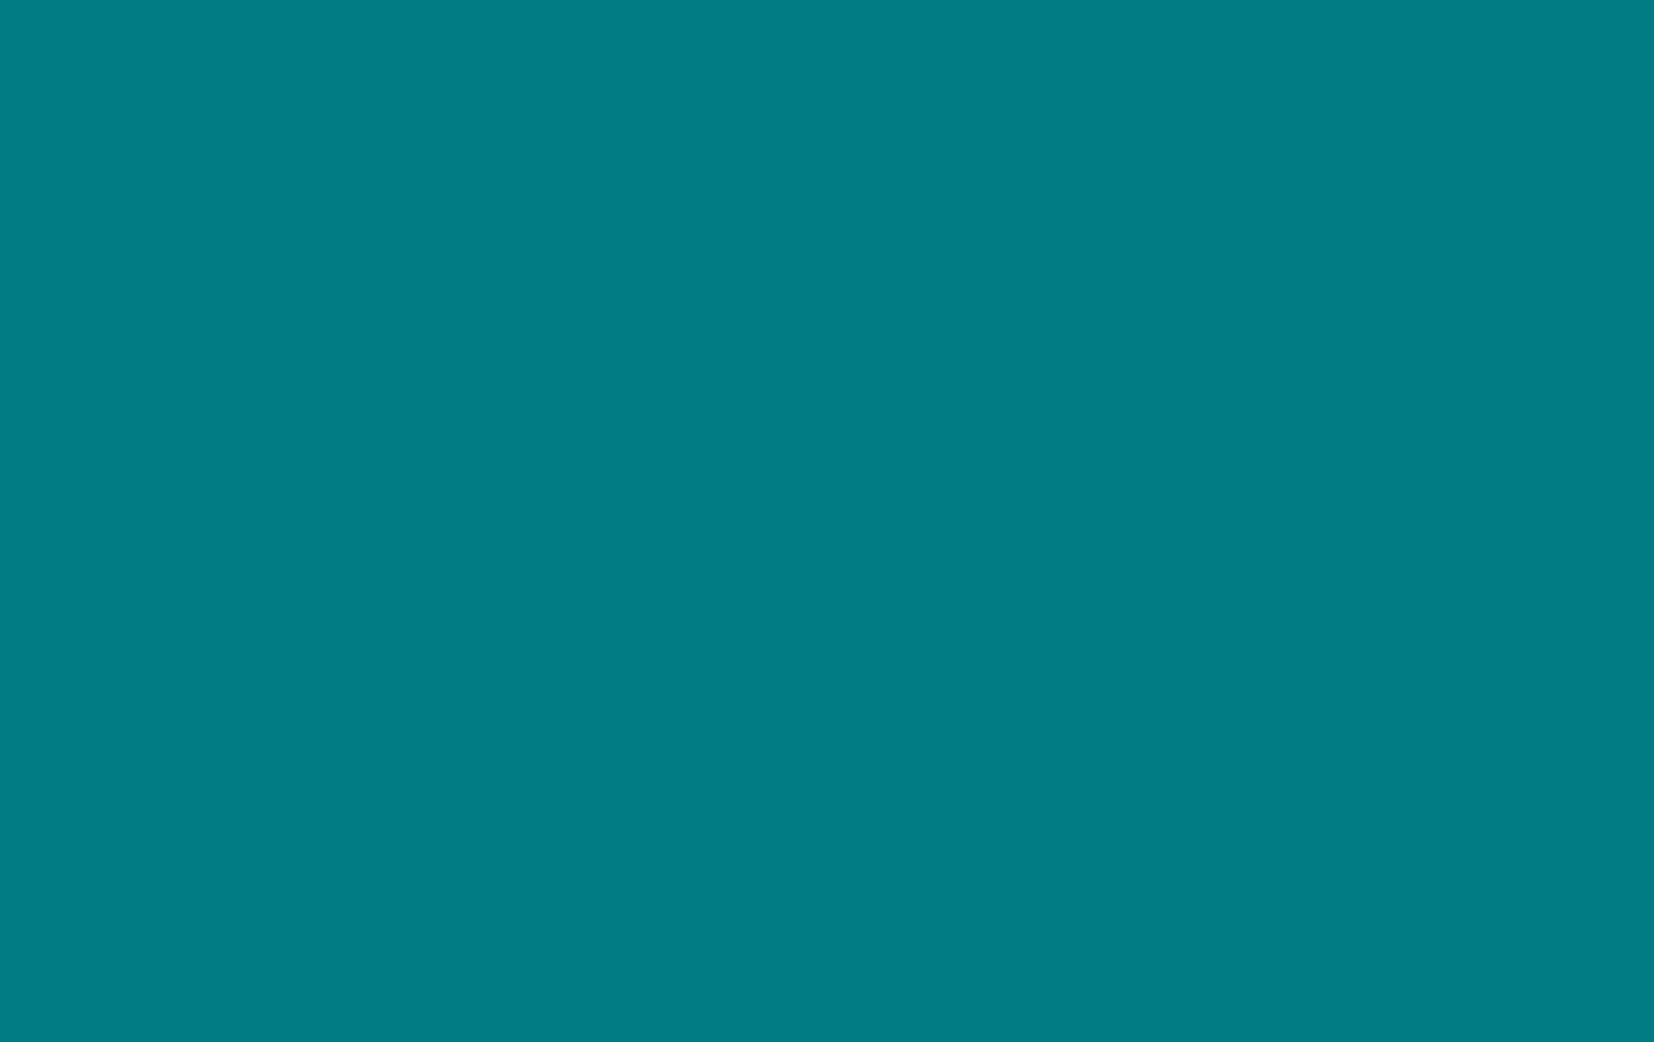 Turquoise Vertical Blinds Cheapest Blinds Uk Ltd